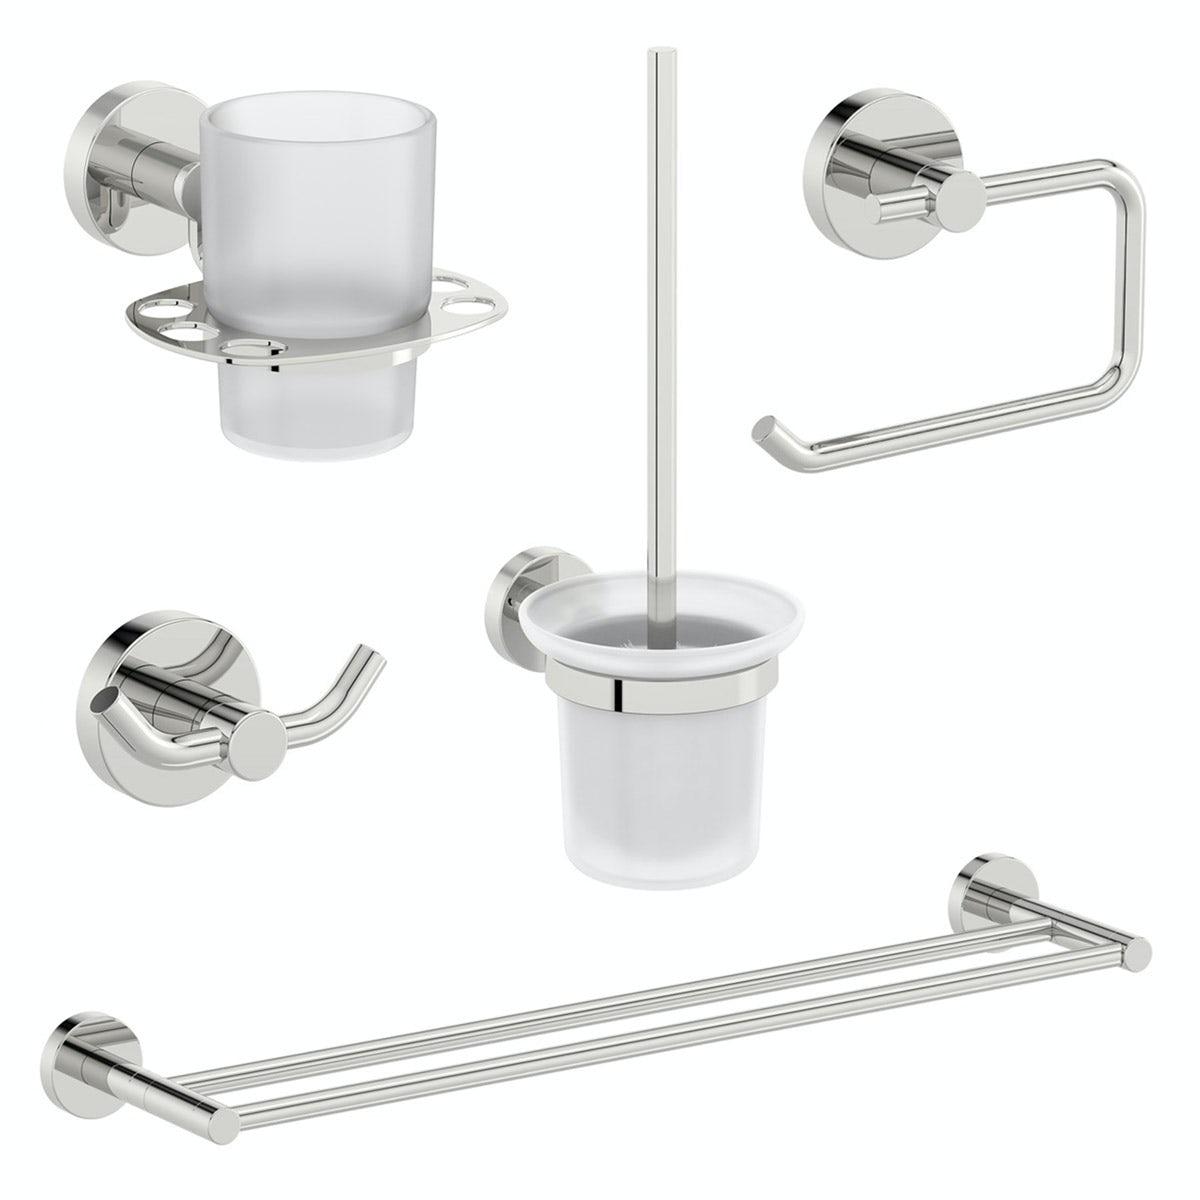 Orchard Eden round master bathroom 5 piece accessory set